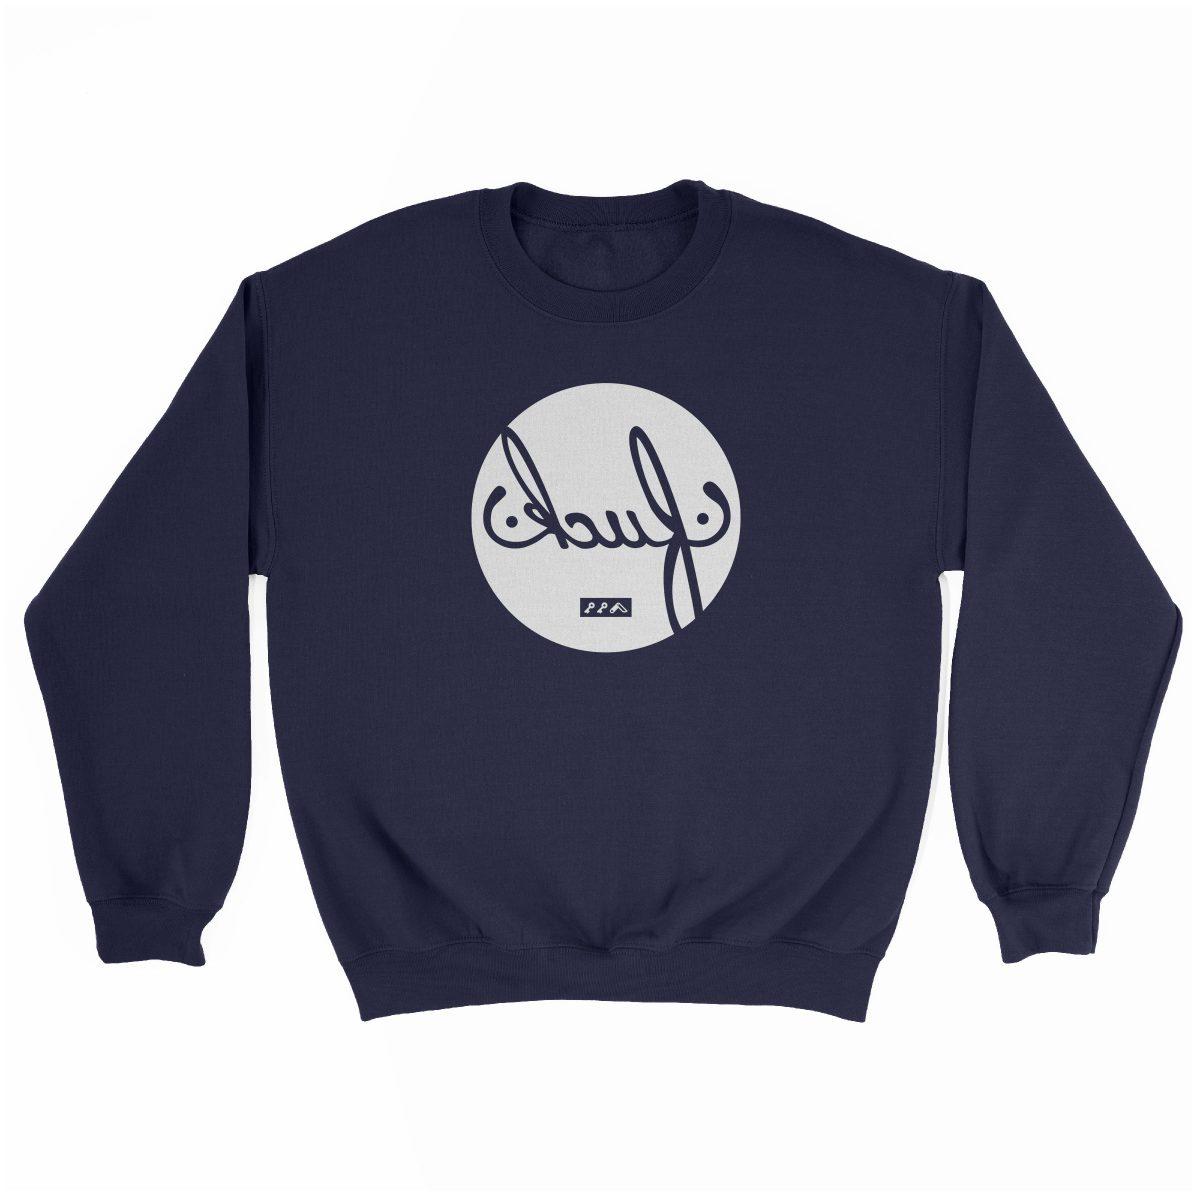 i give zero fucks sweatshirt navy at kikicutt.com